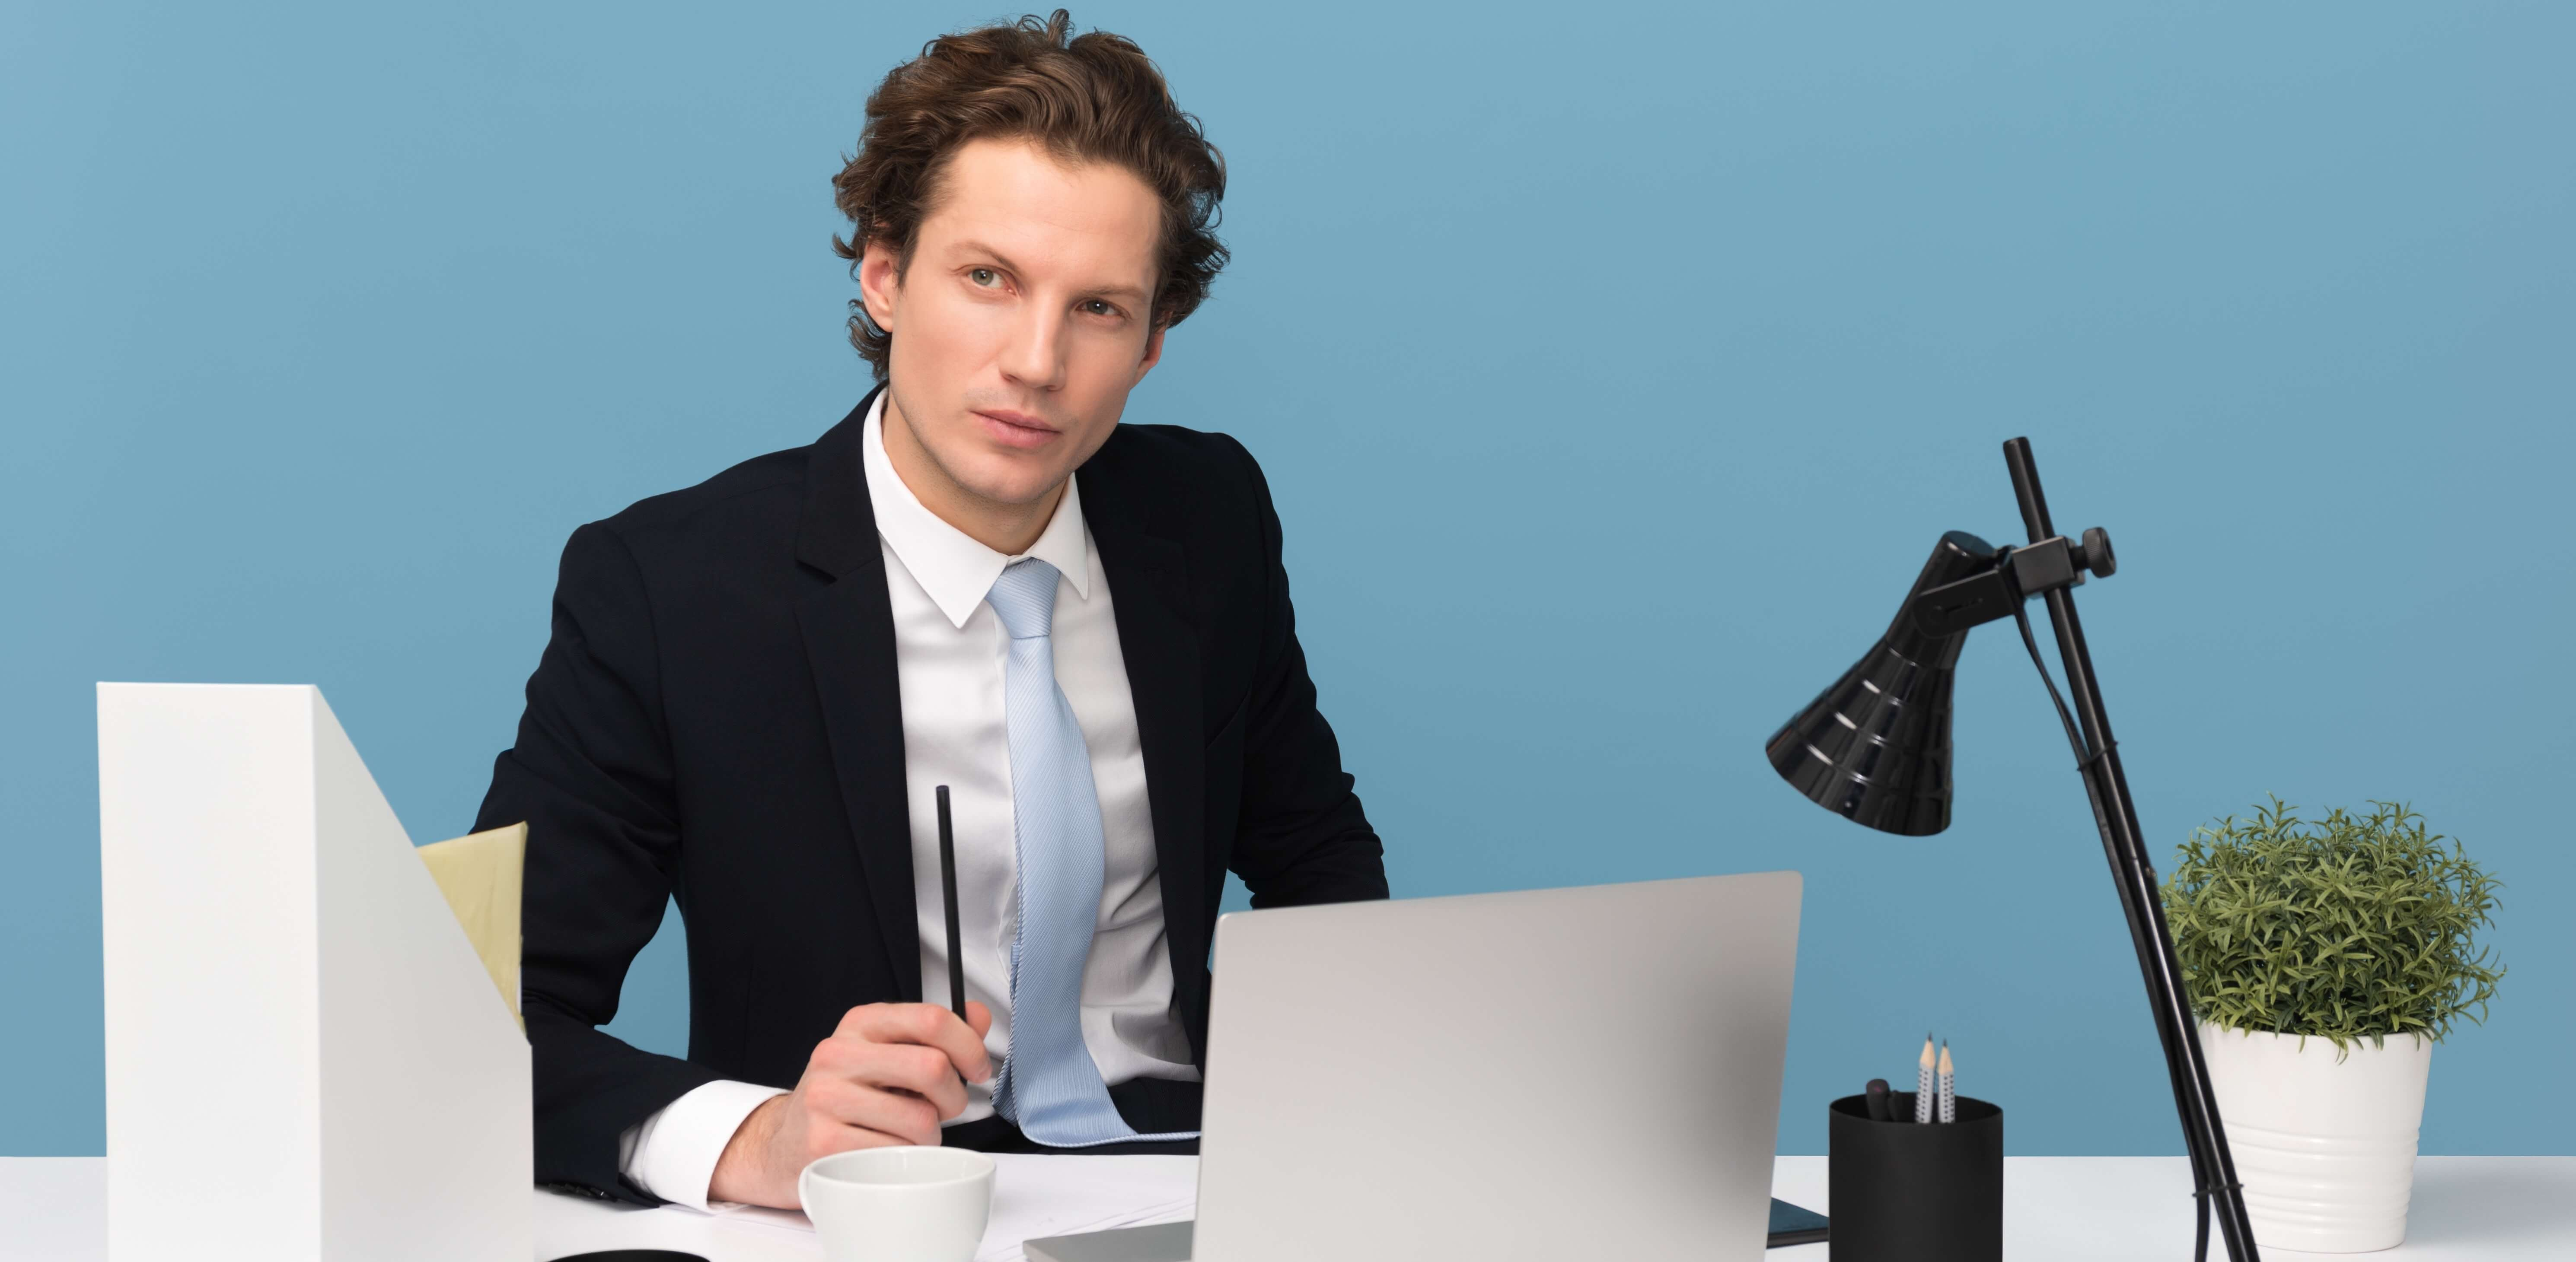 Las cinco razones por las que la reputación del CEO es importante para las organizaciones